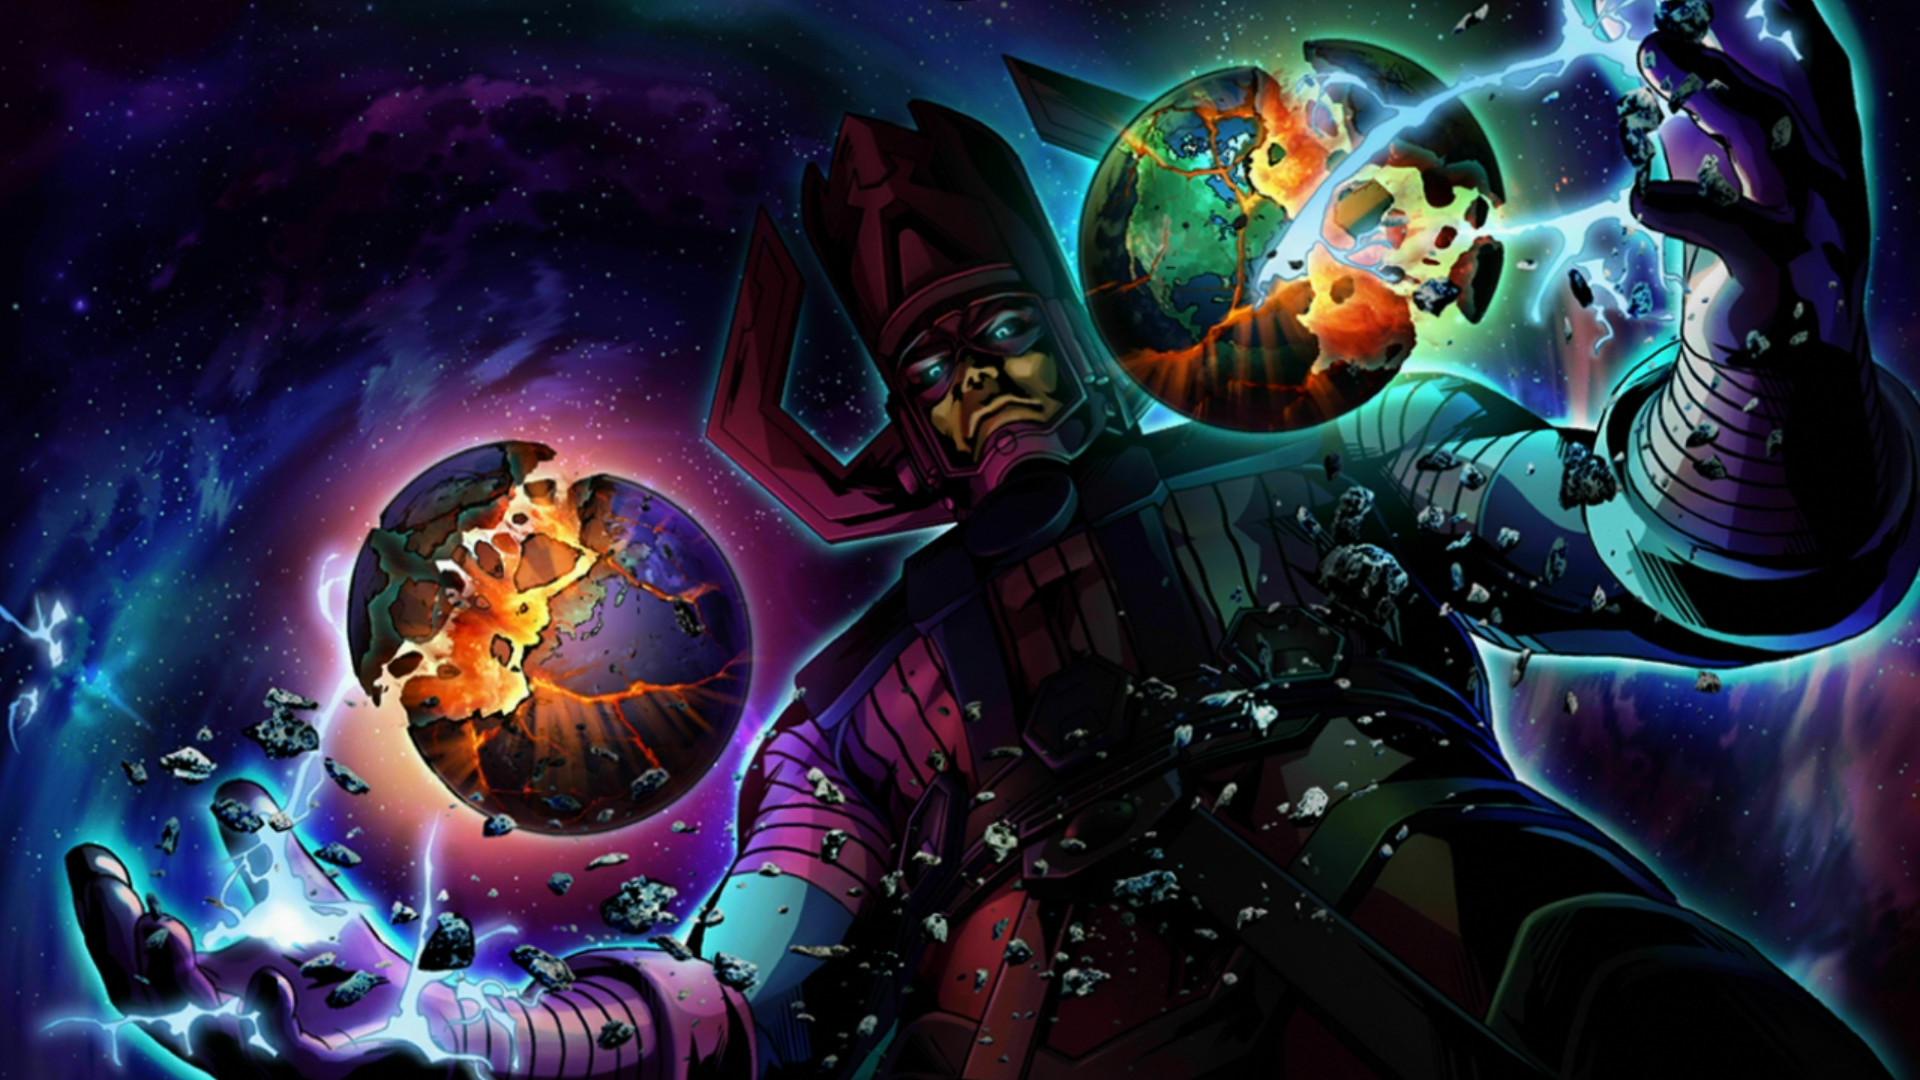 Doctor Doom Wallpaper (64+ images)